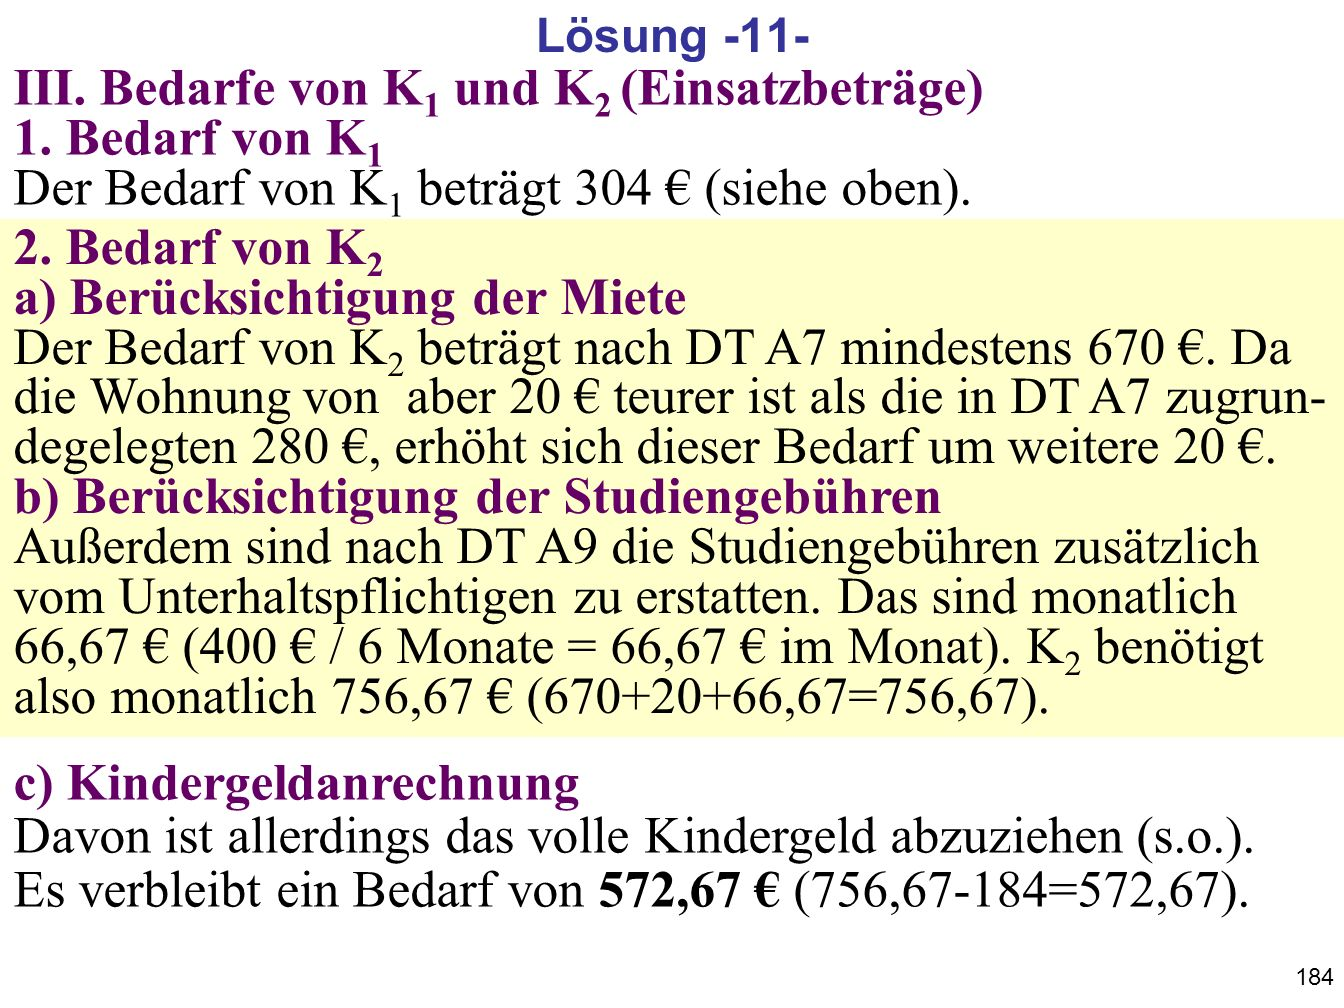 184 III. Bedarfe von K 1 und K 2 (Einsatzbeträge) 1. Bedarf von K 1 Der Bedarf von K 1 beträgt 304 (siehe oben). 2. Bedarf von K 2 a) Berücksichtigung